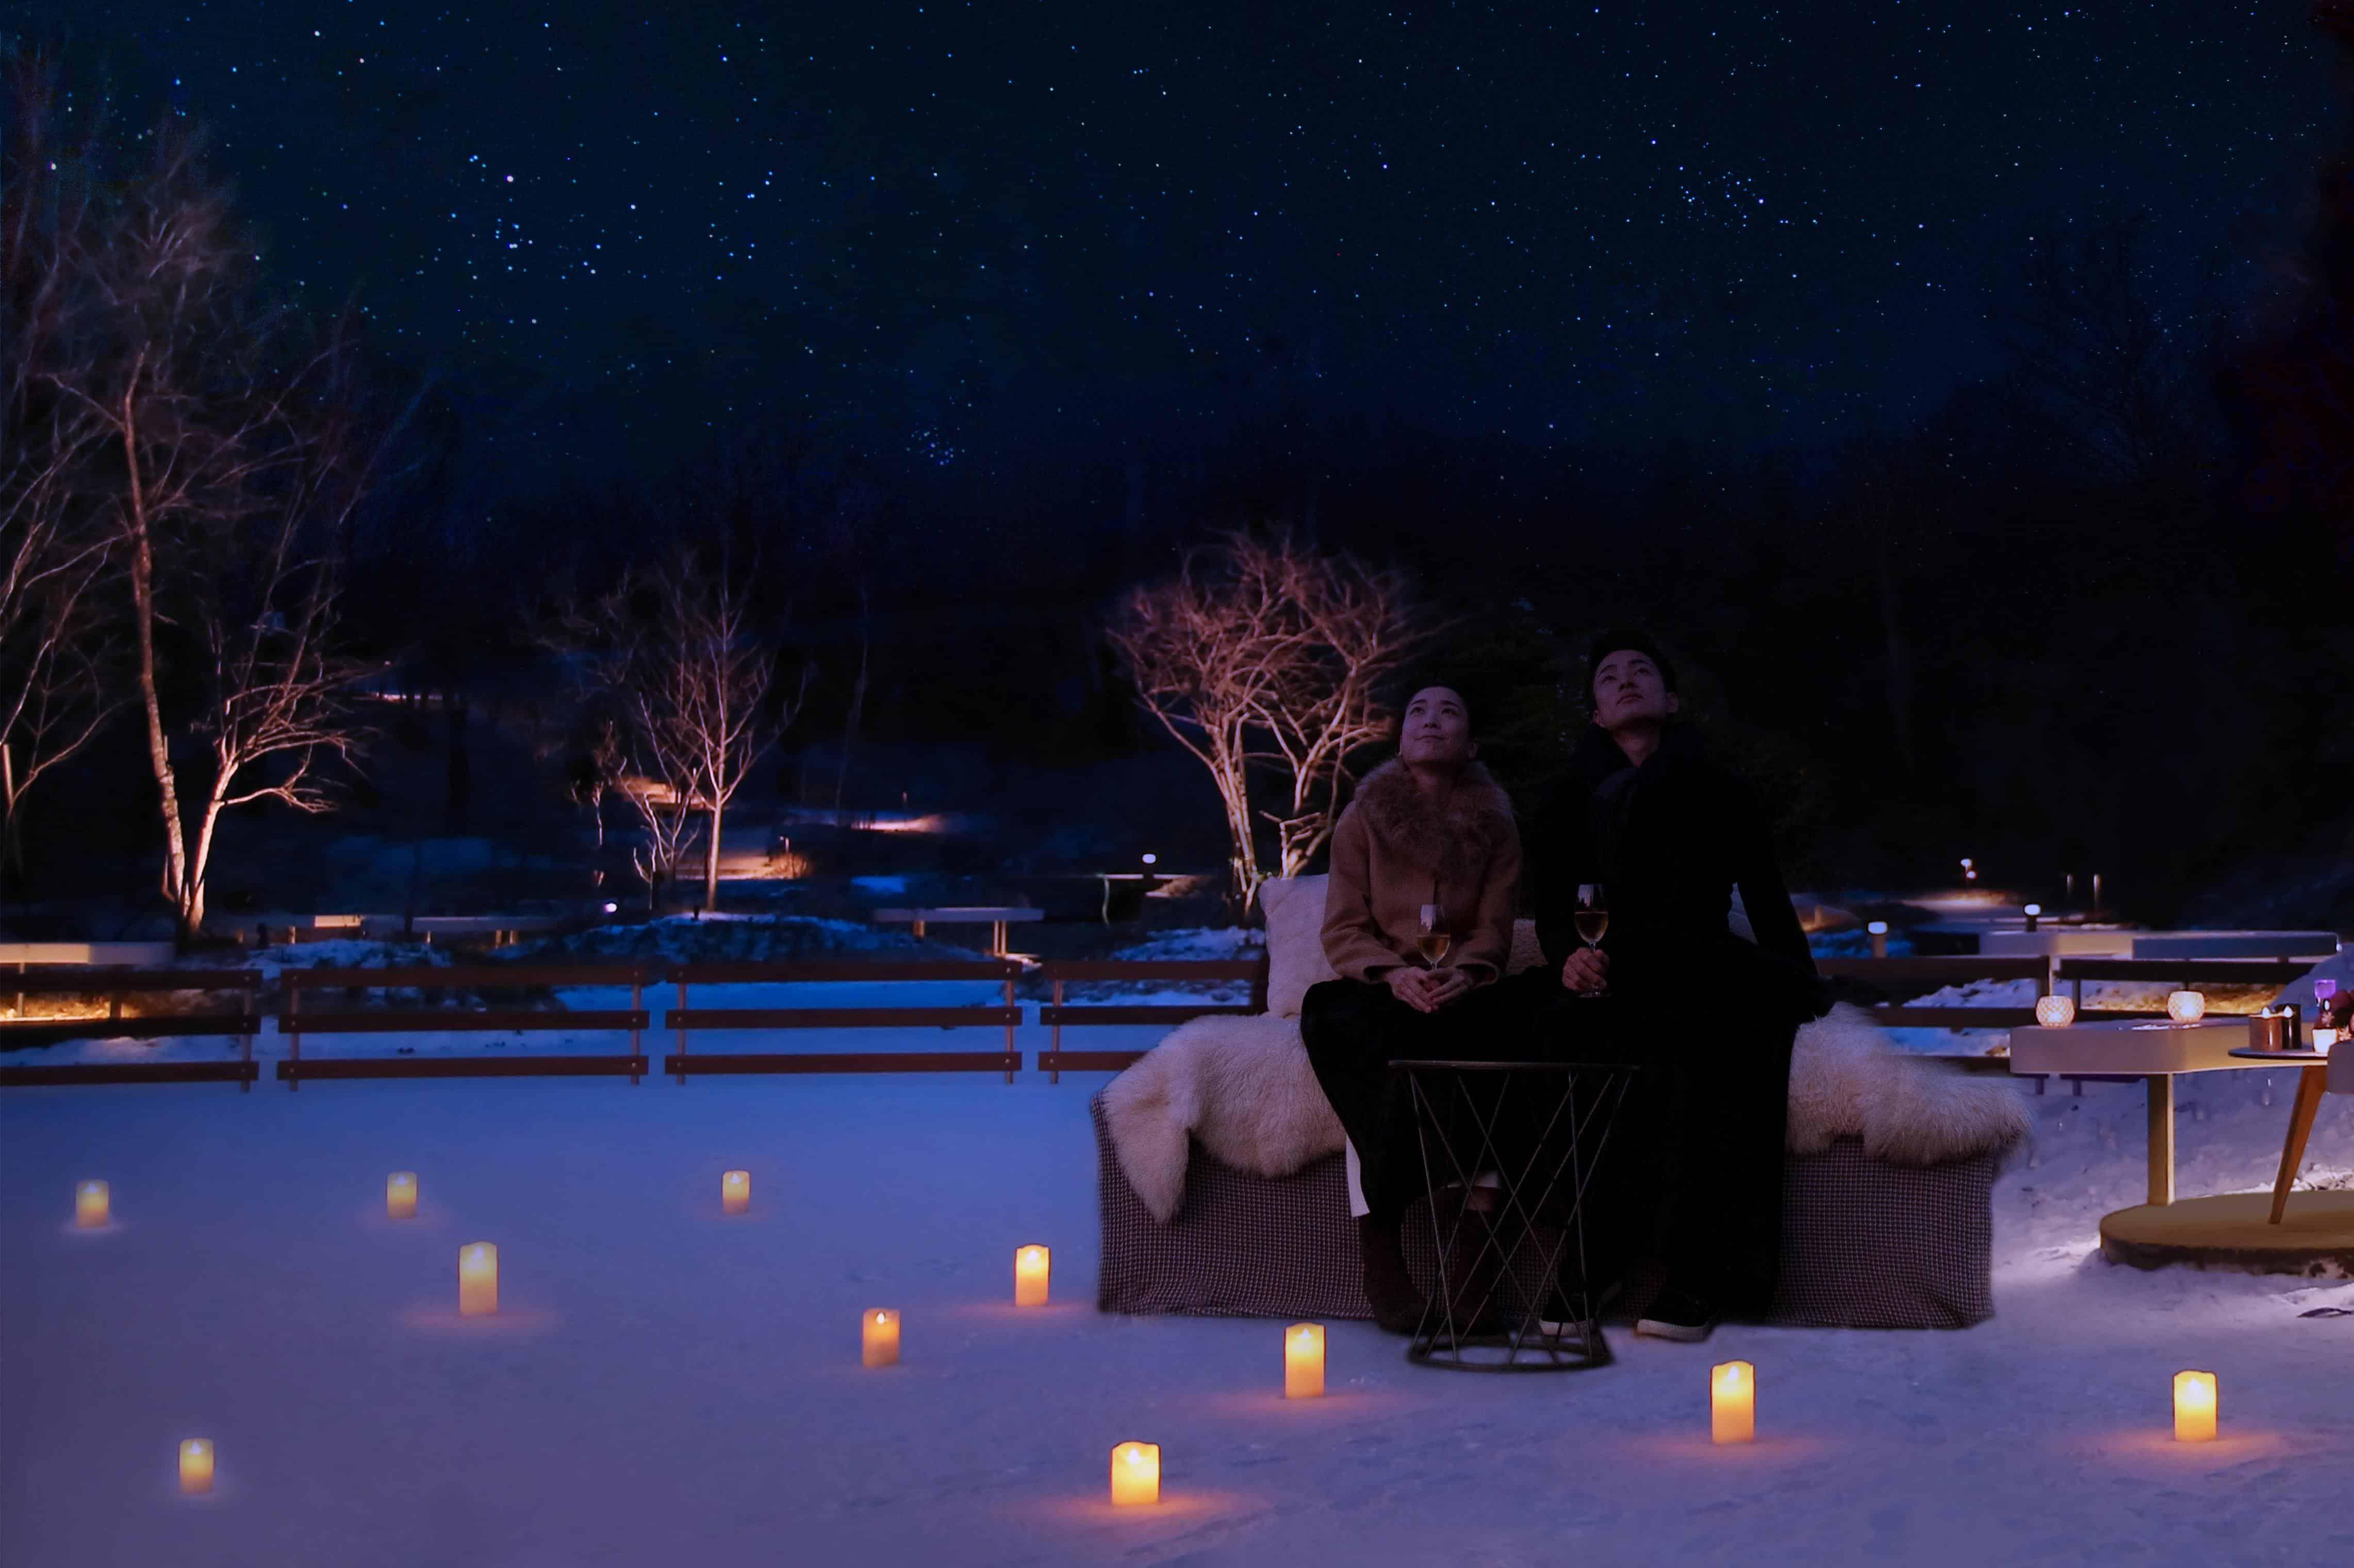 星野リゾート 大人の 星野集團冬旅 Hoshino Resorts3